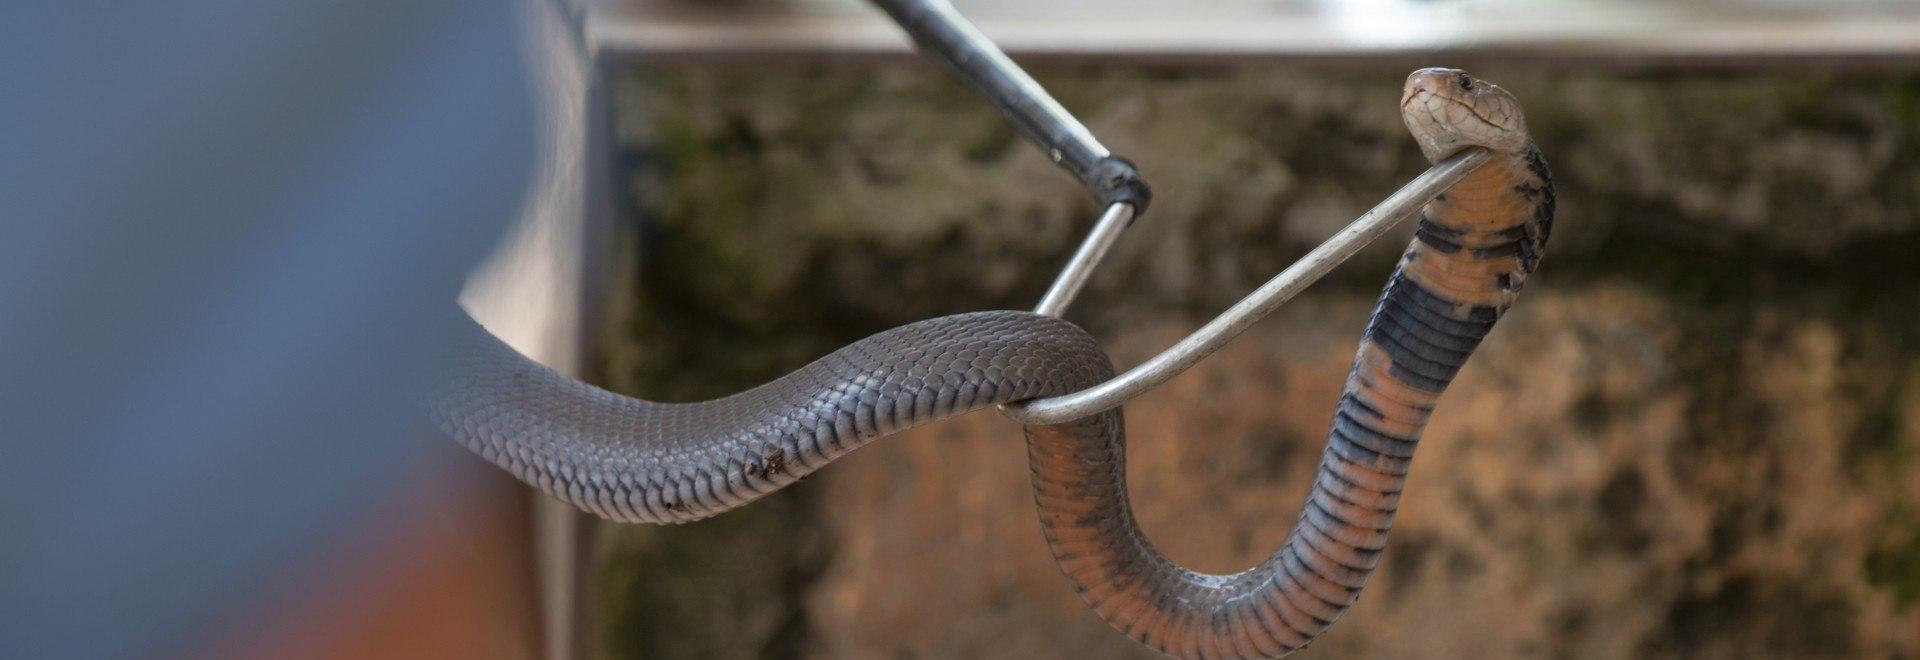 Squadra speciale serpenti: casi estremi